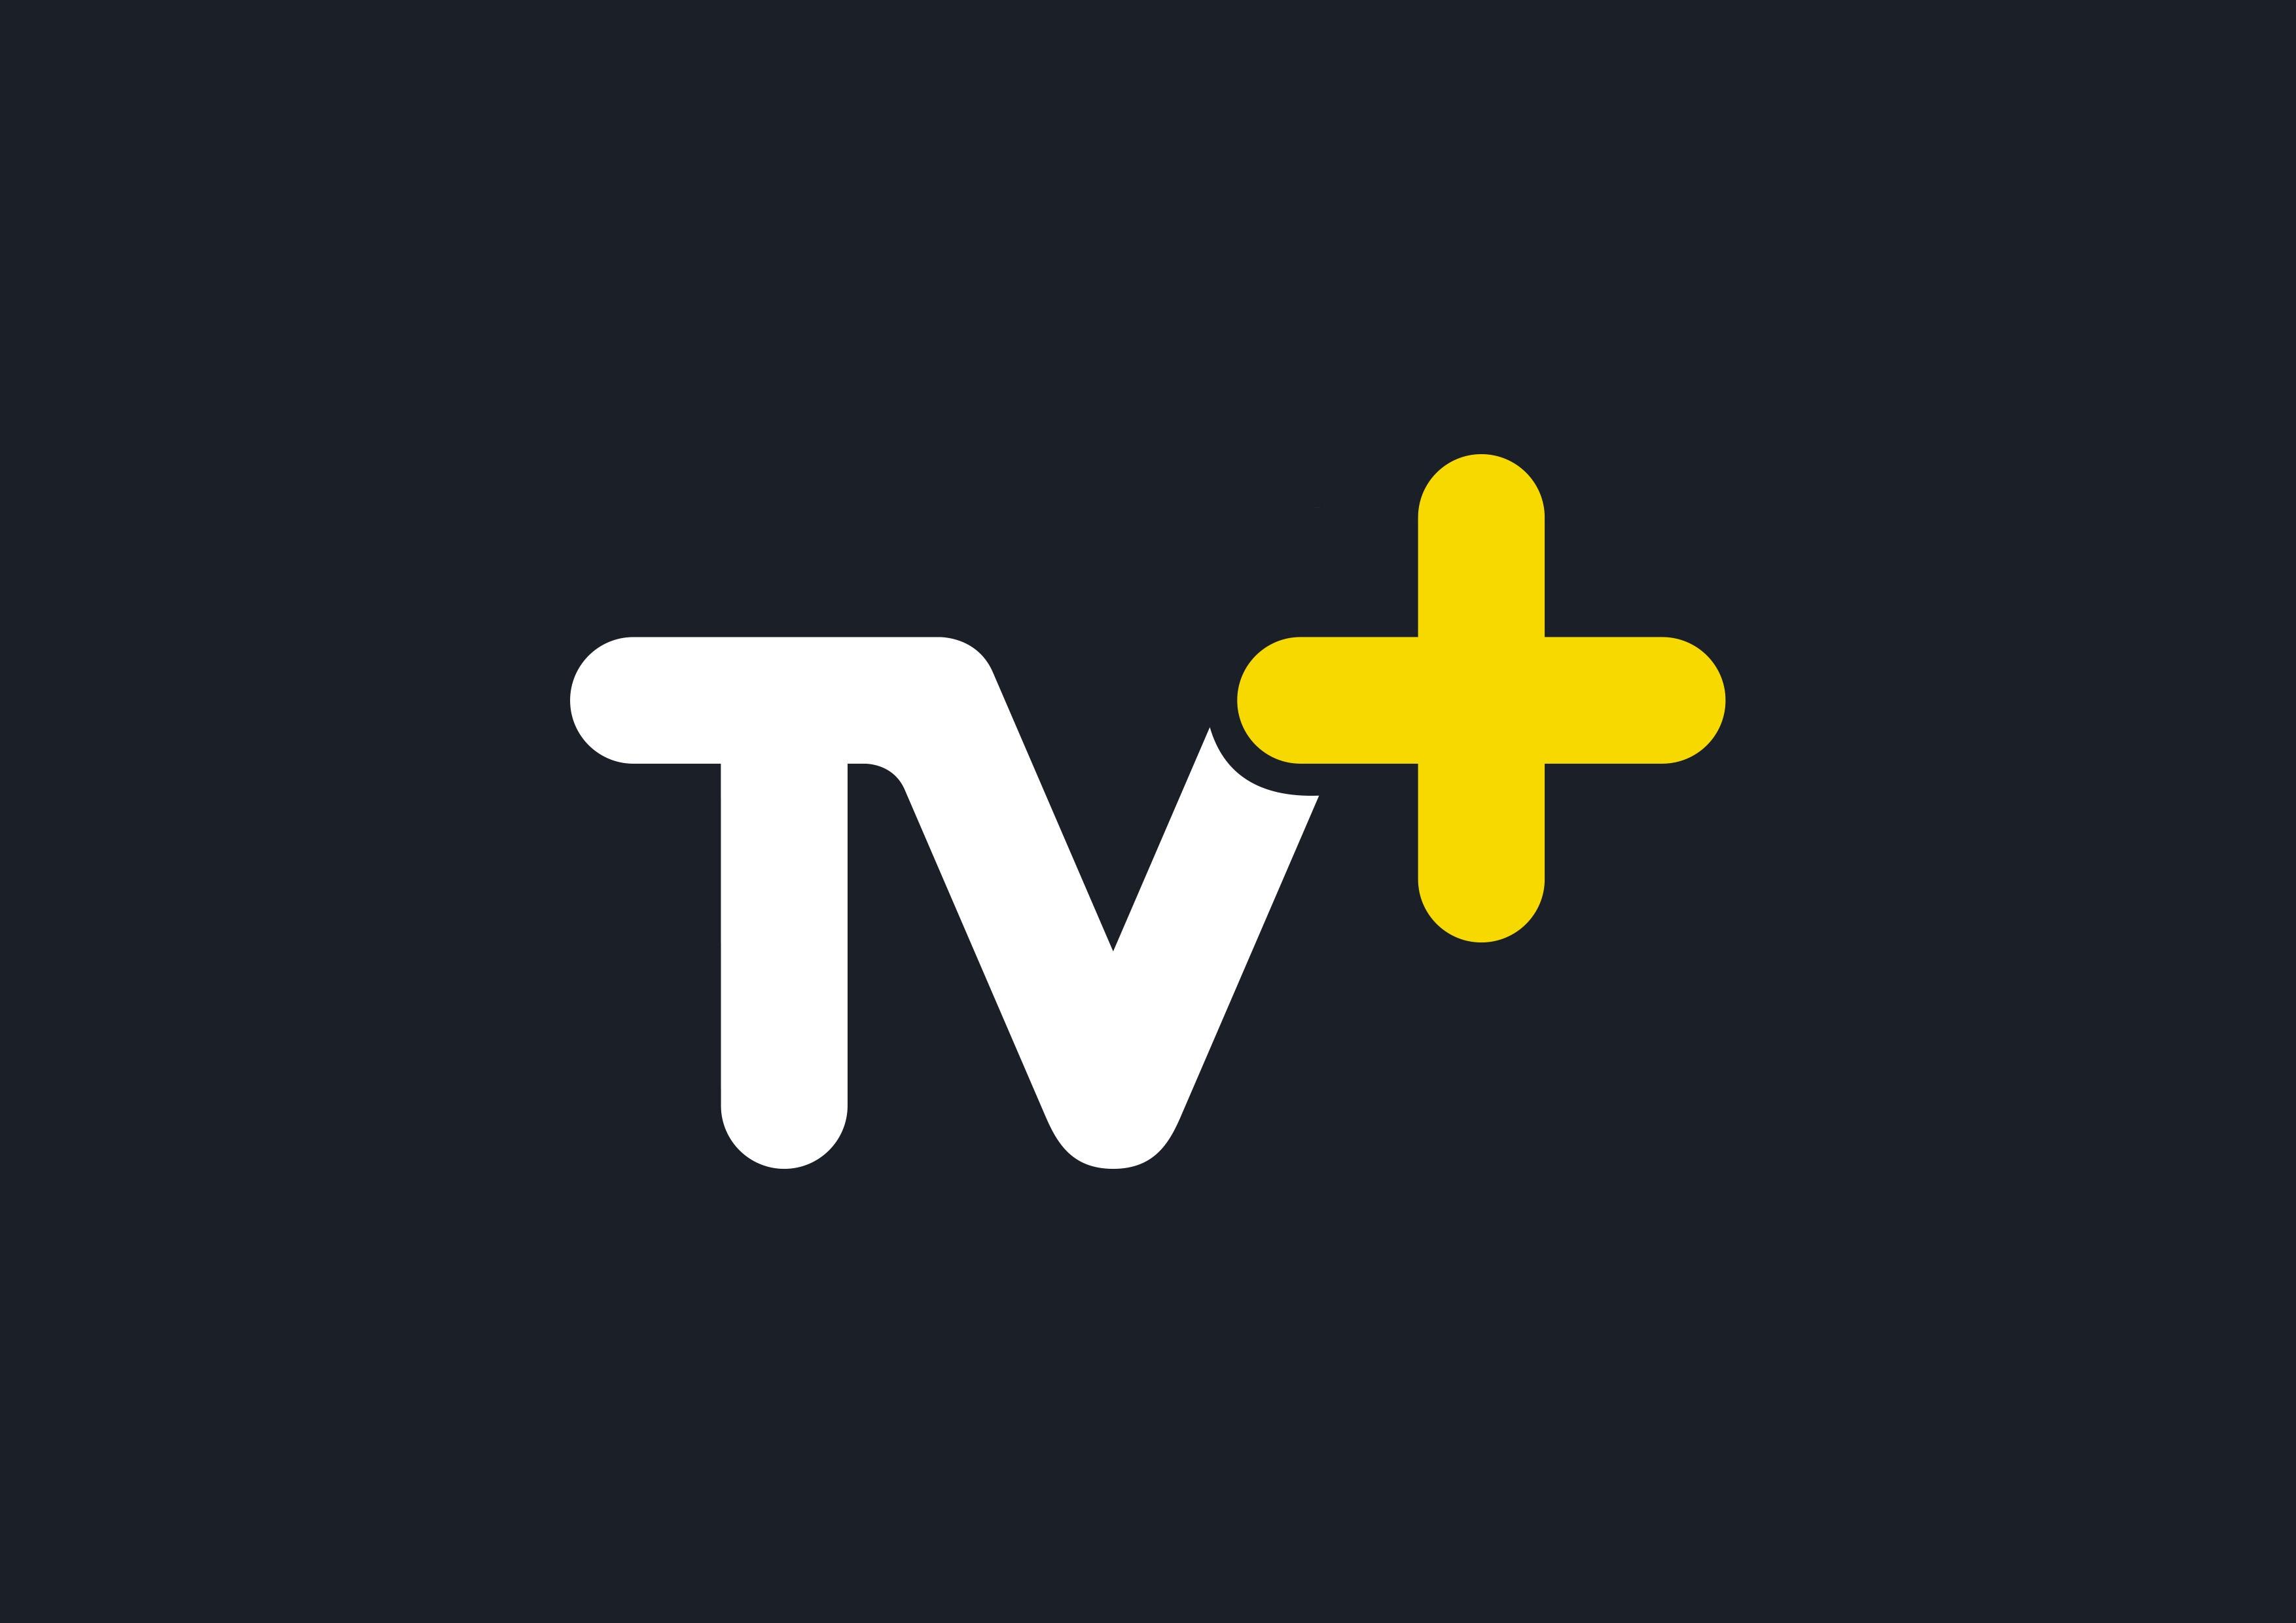 Türkiye evde televizyonu TV+'tan izliyor